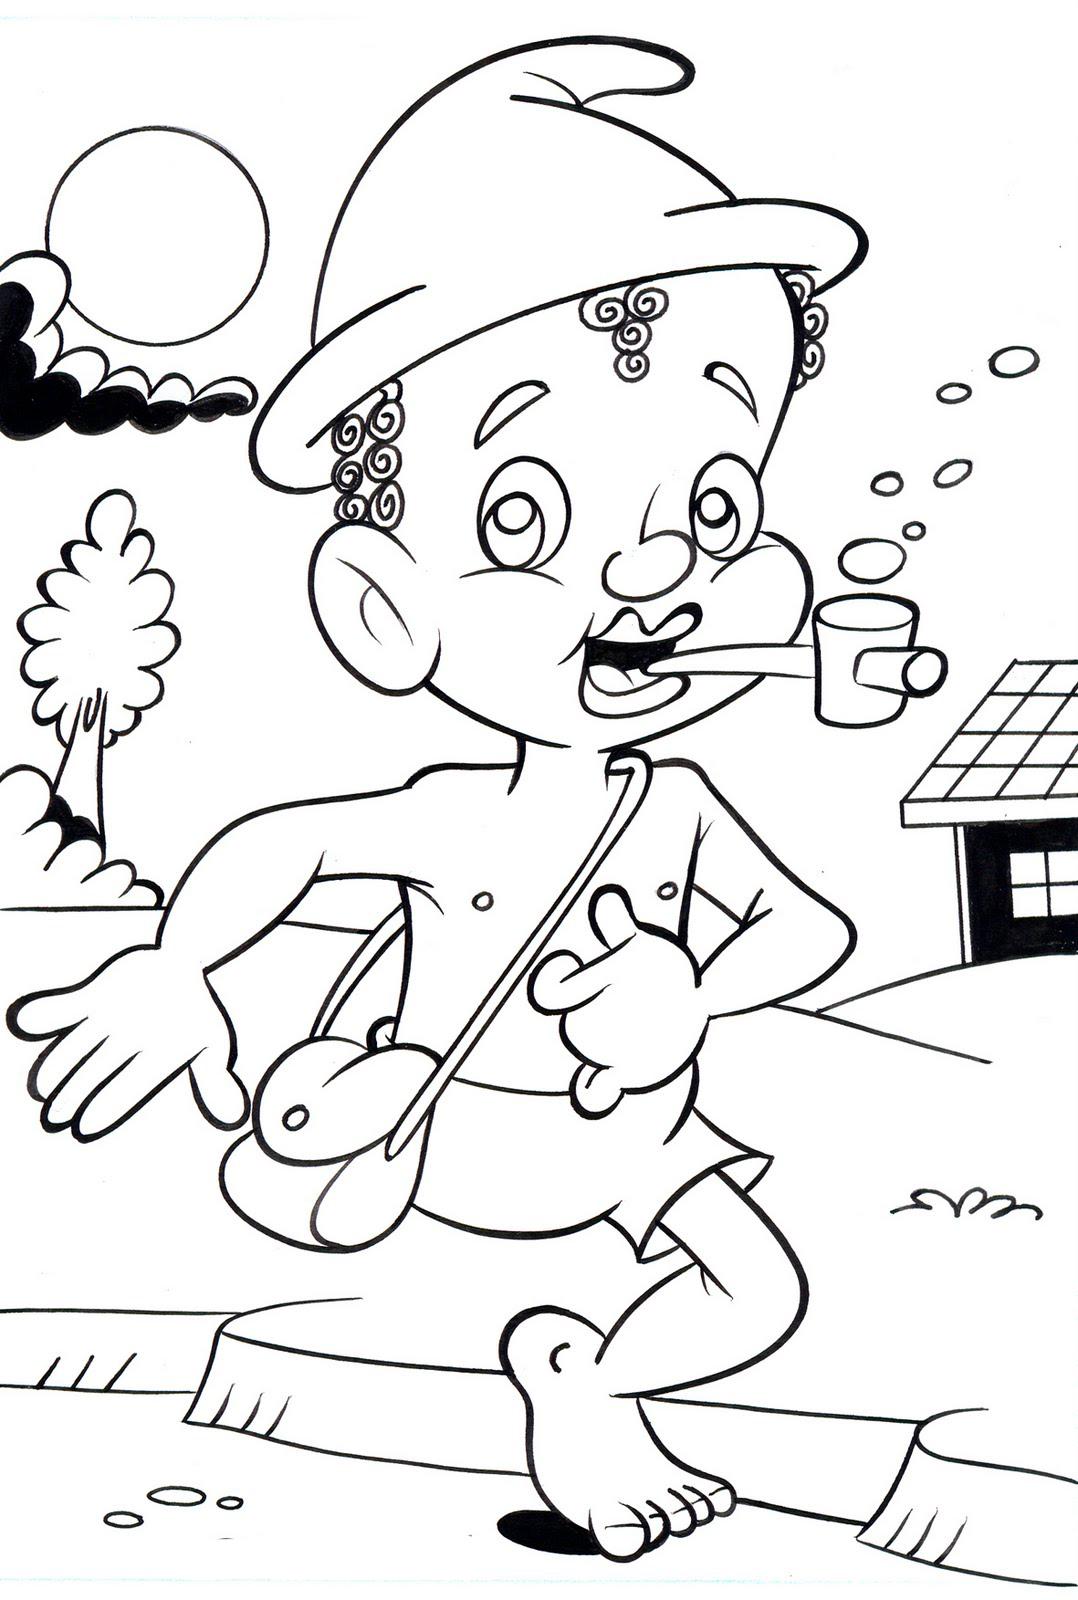 20 Desenhos Do Saci Perere Para Imprimir E Colorir Online Cursos